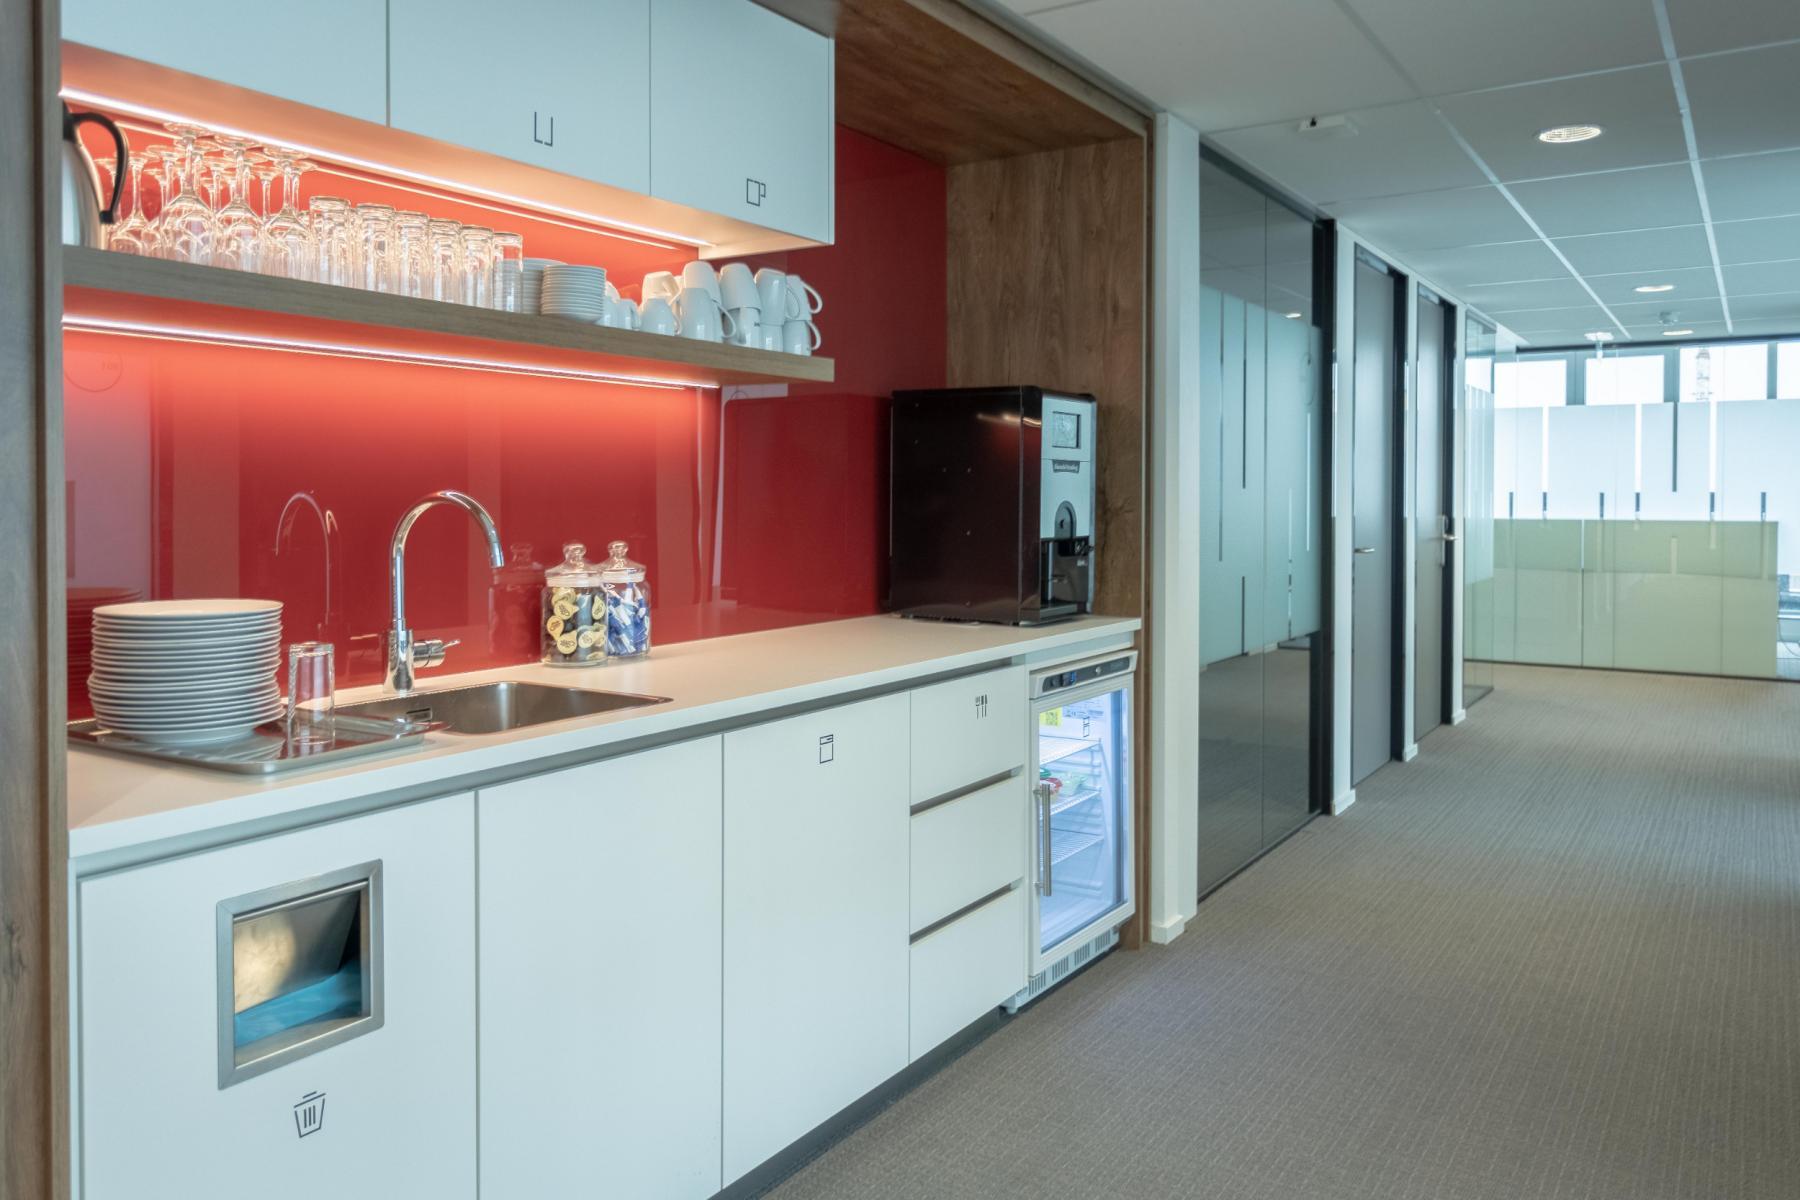 Keuken Utrecht parijsboulevard kantoorpand lunchroom